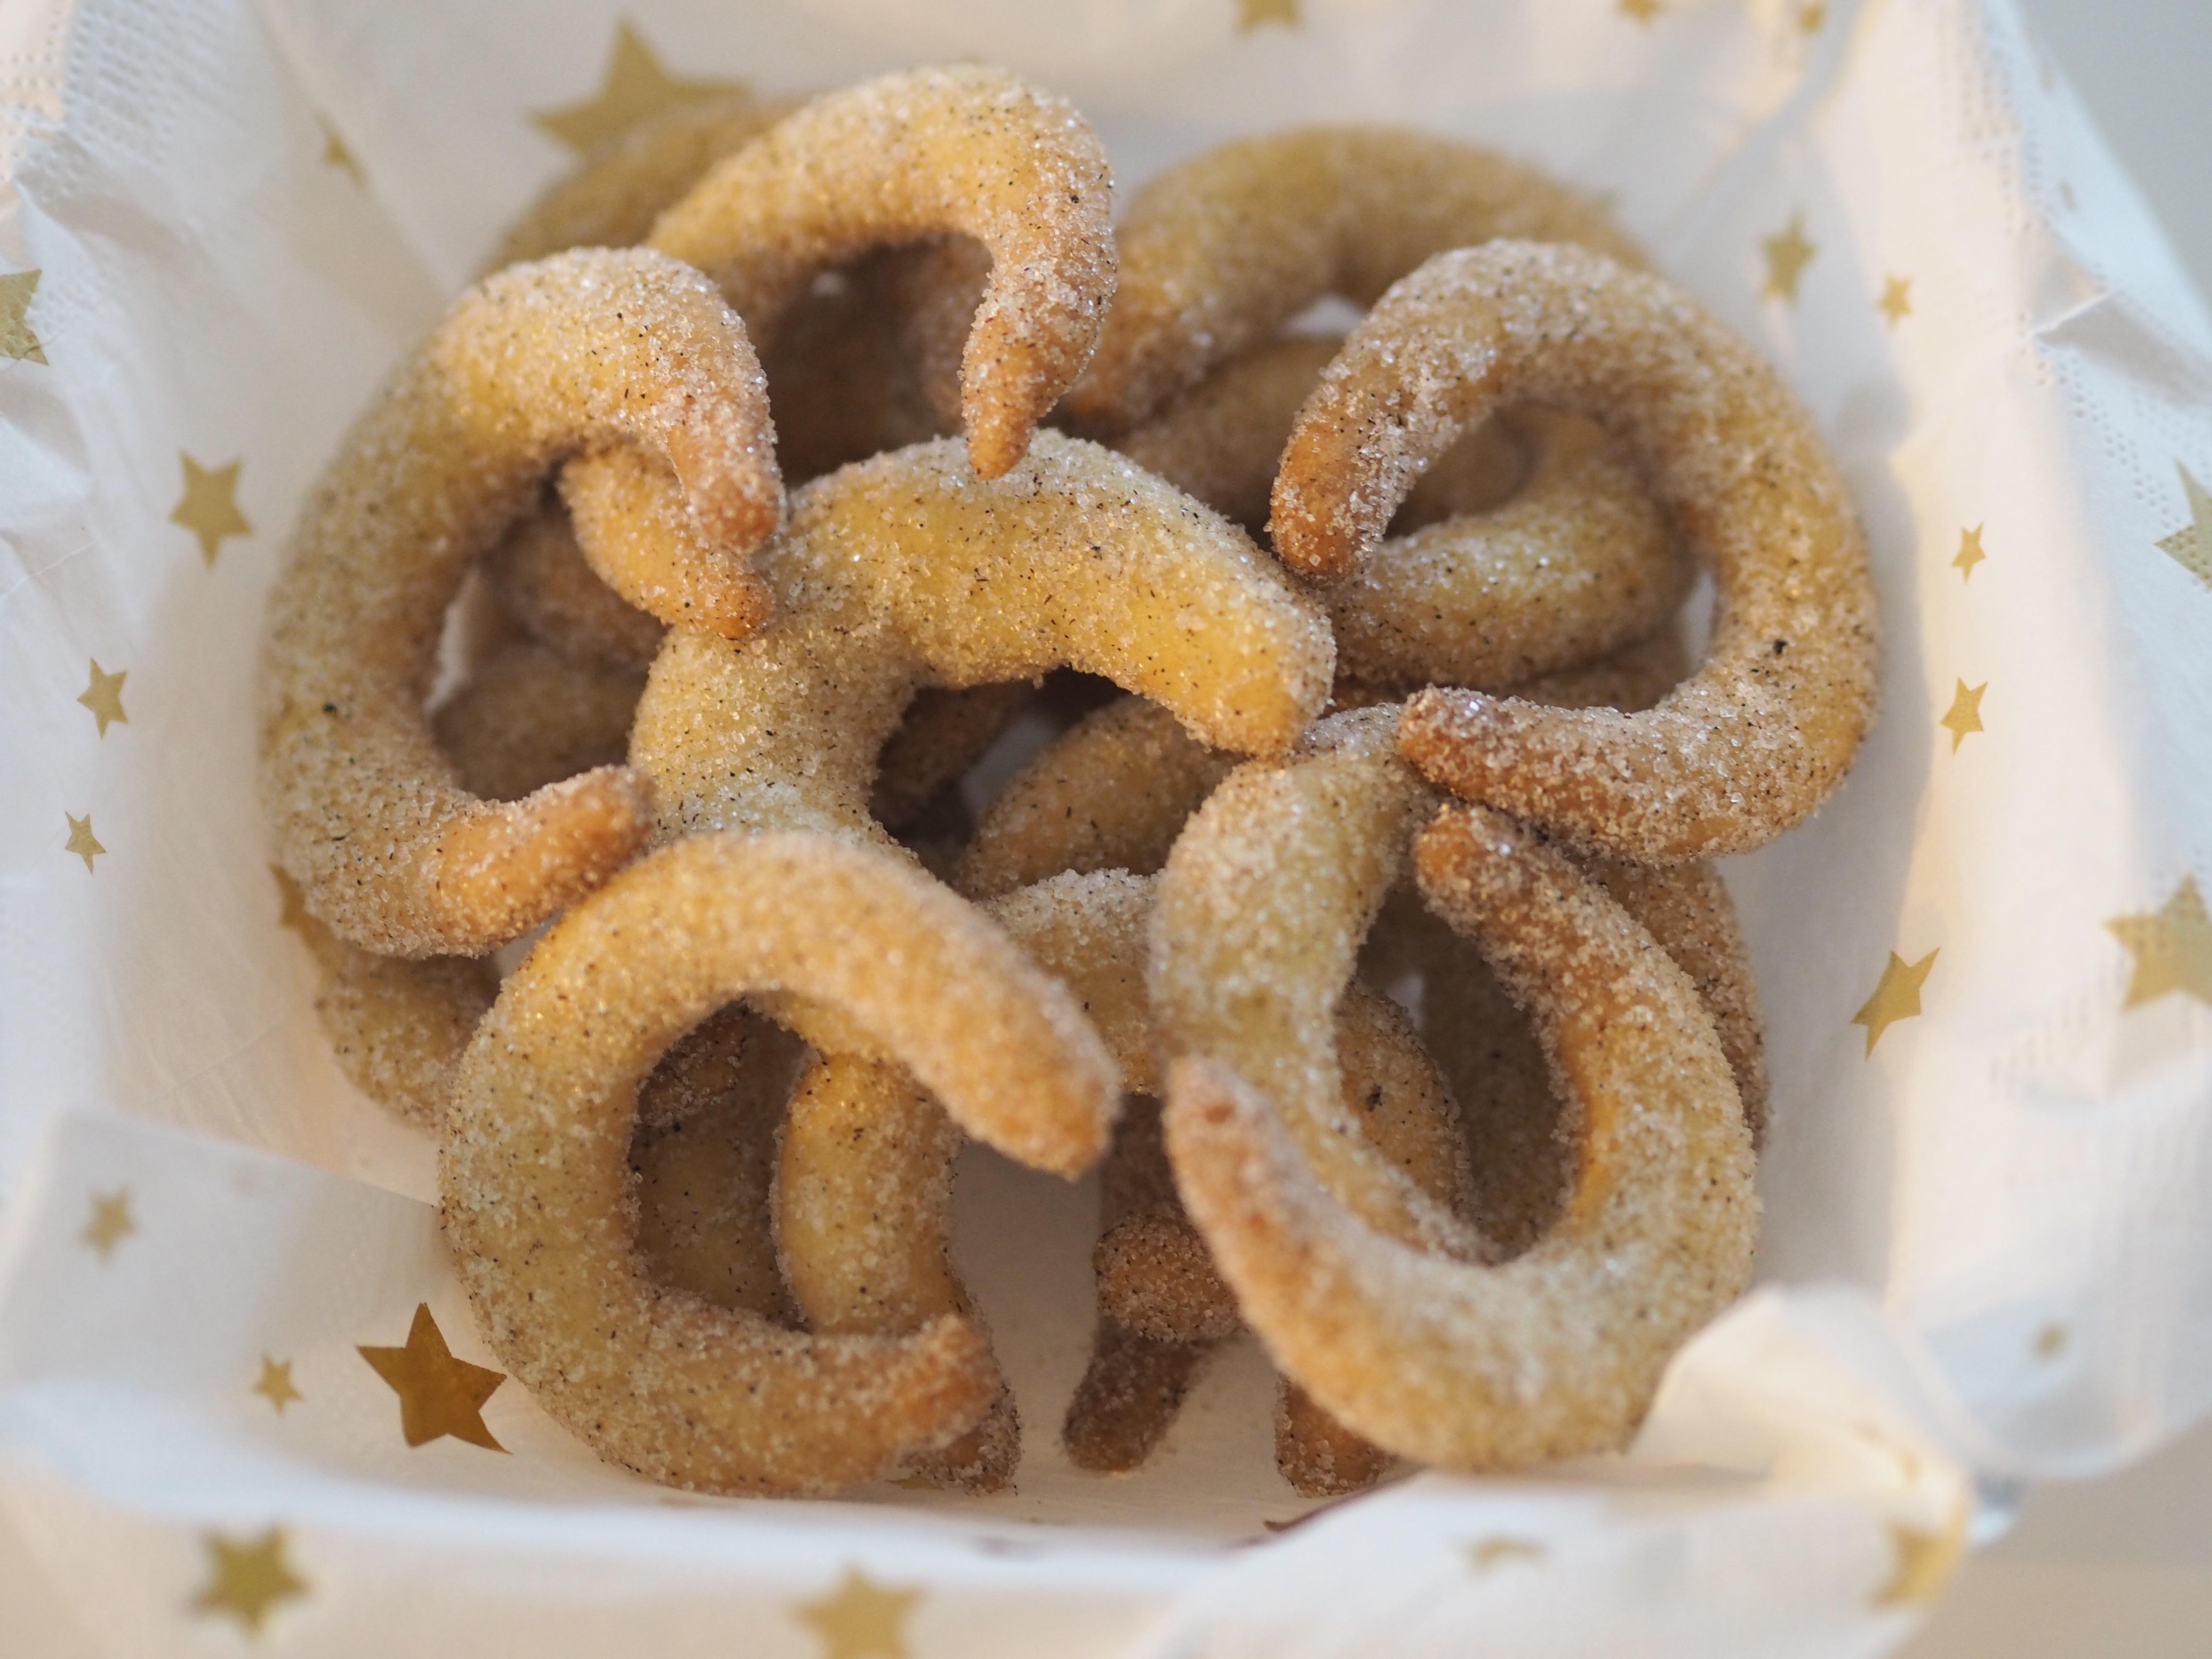 Vanillekipferl, Weihnachtsplätzchen, Weltbeste Vanillekipferl, Plätzchen Rezept, Vanillekipferl Rezept